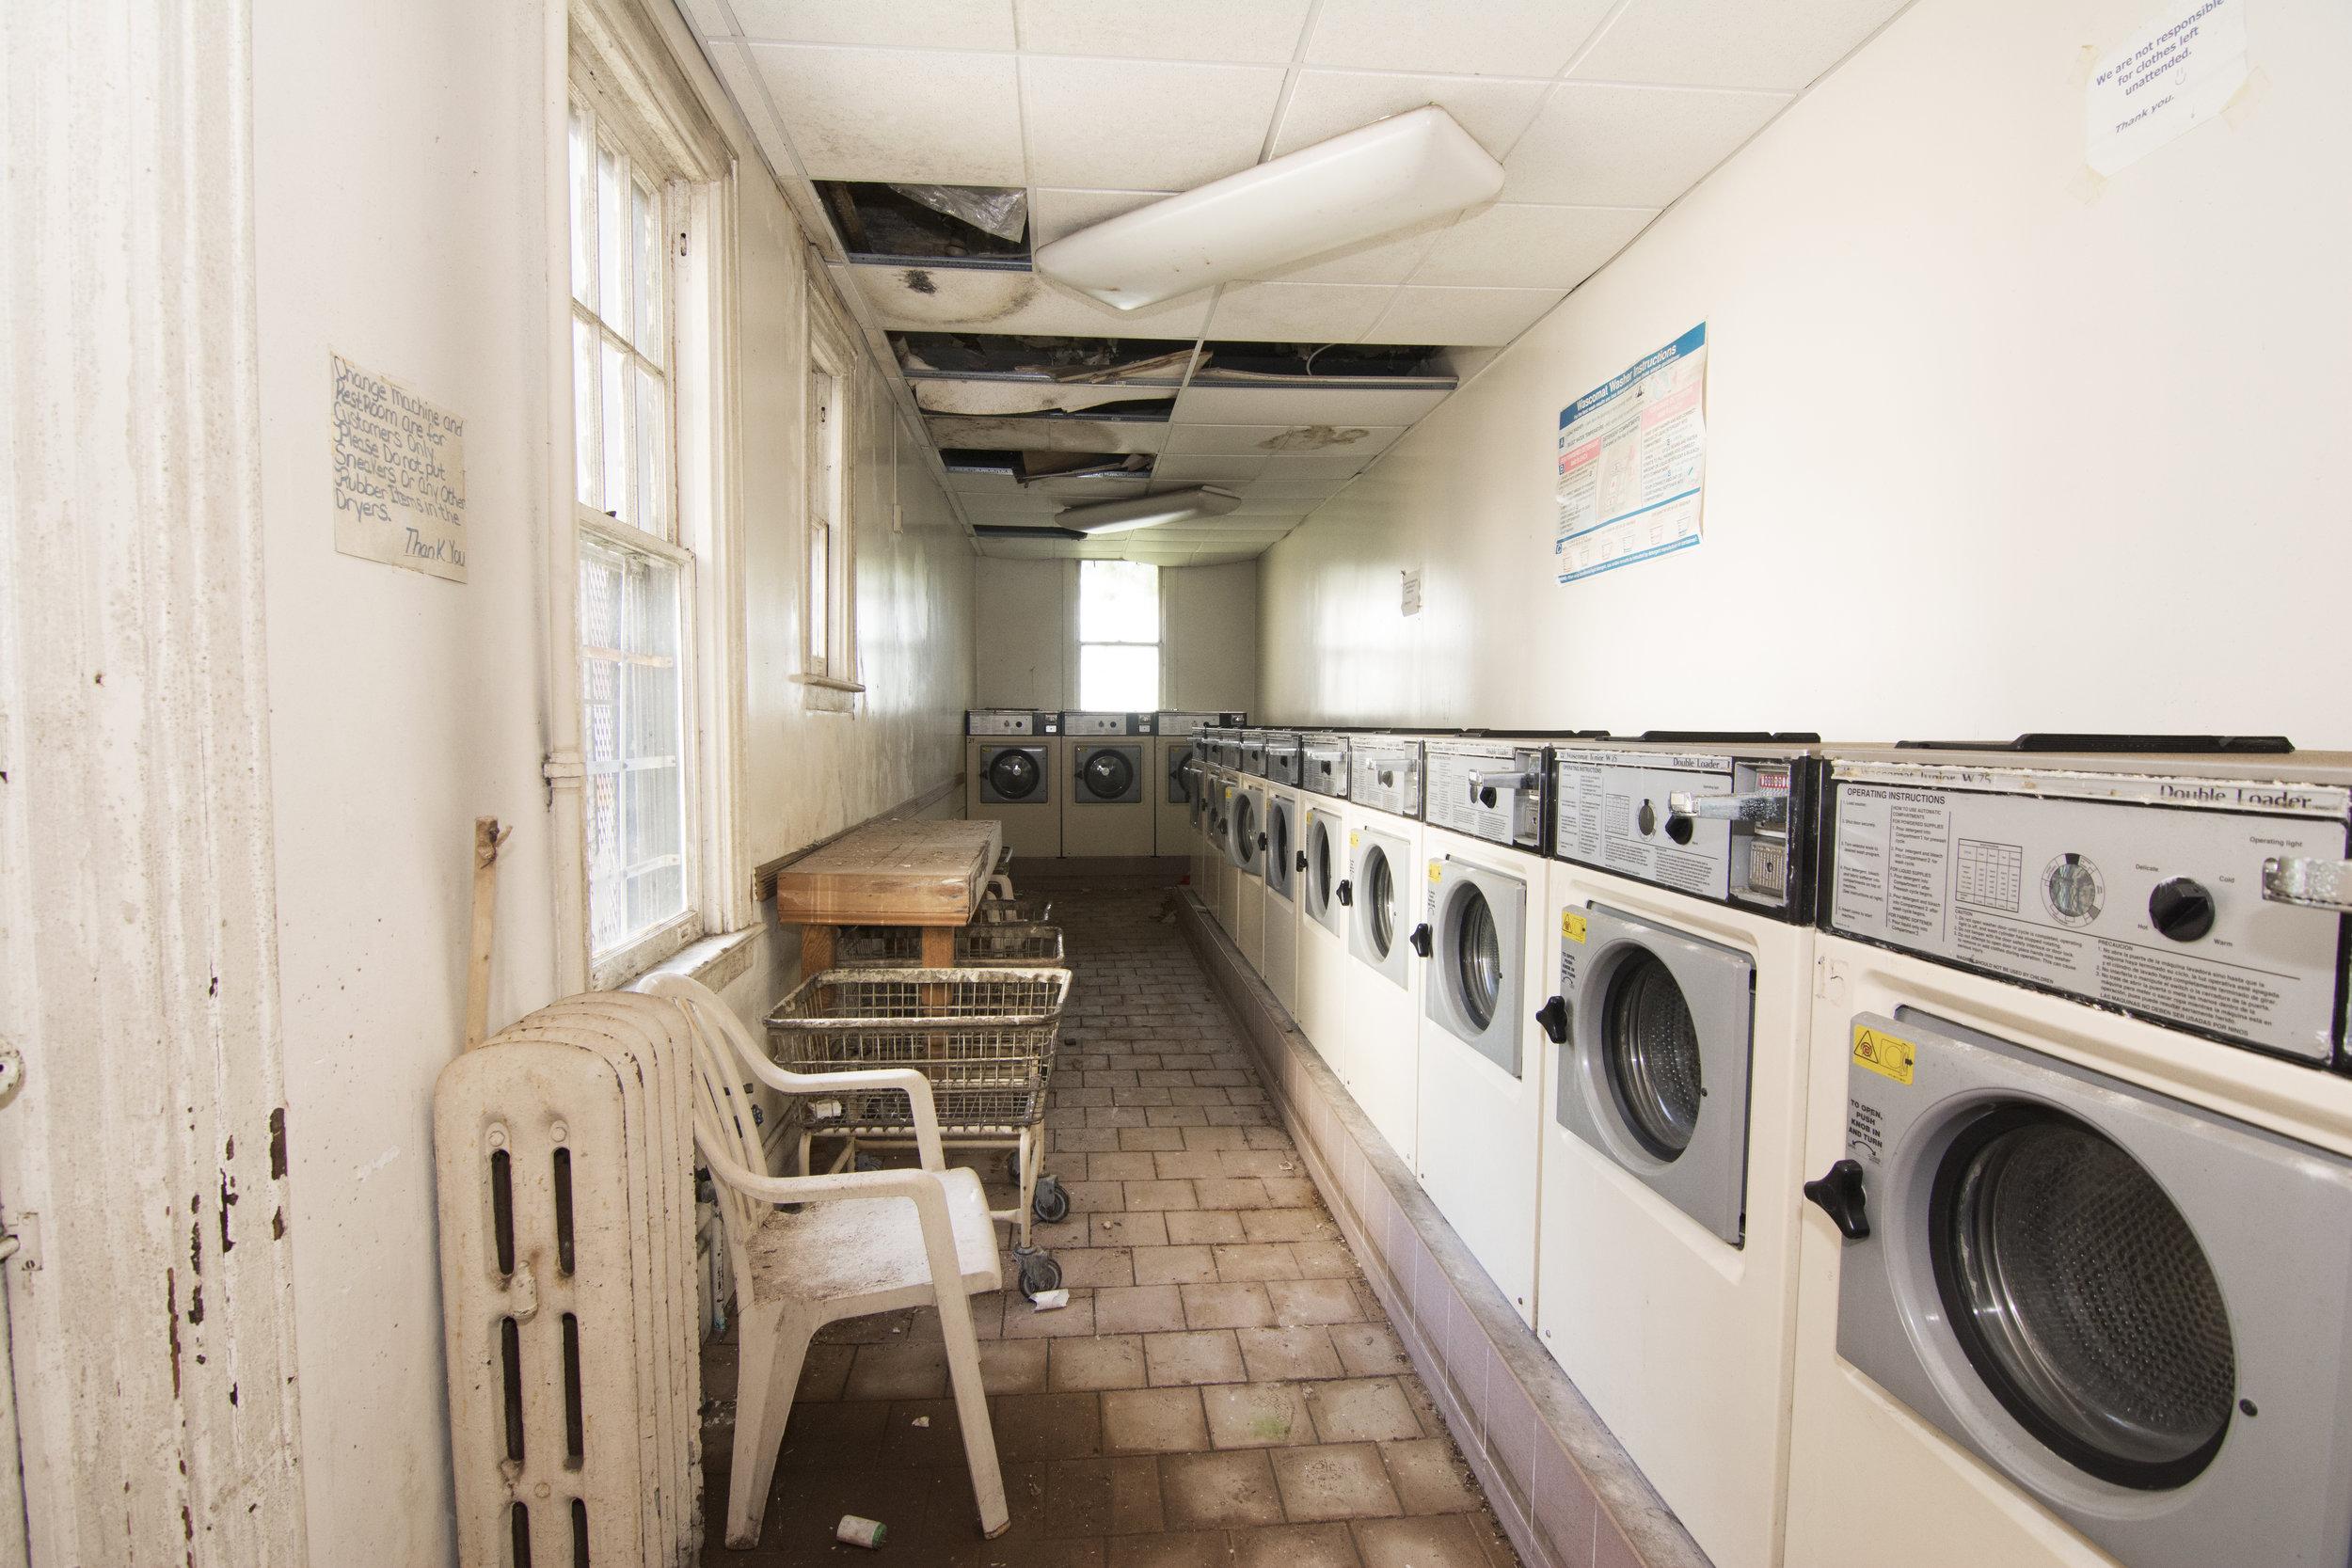 507 Fairview Laundry.jpg